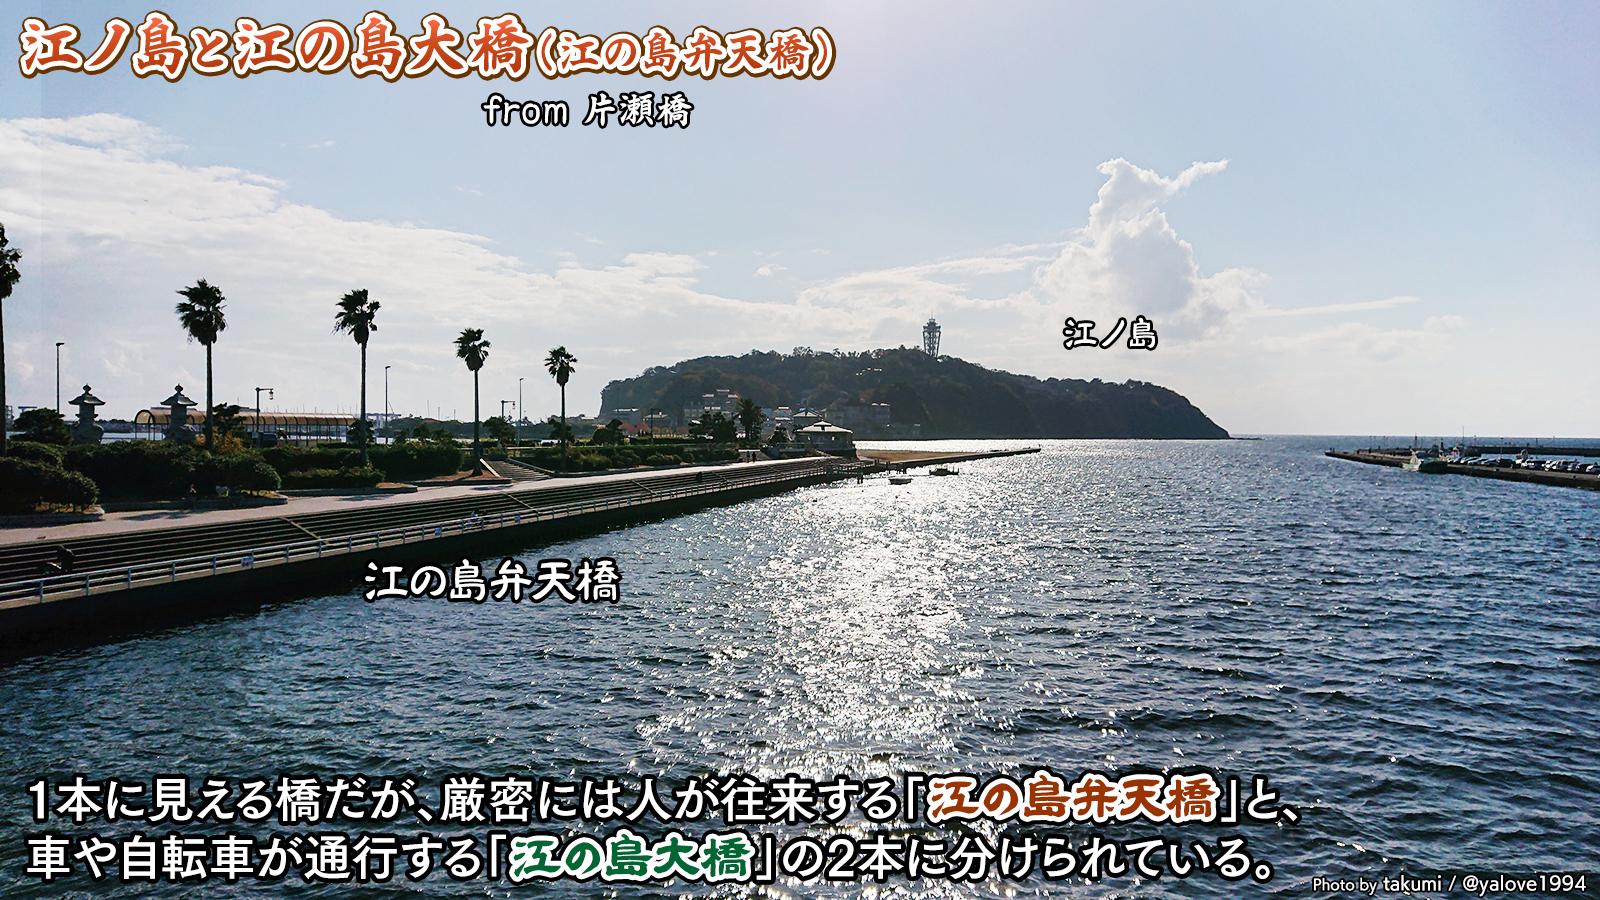 DSC_4144_202011301413343fe.jpg